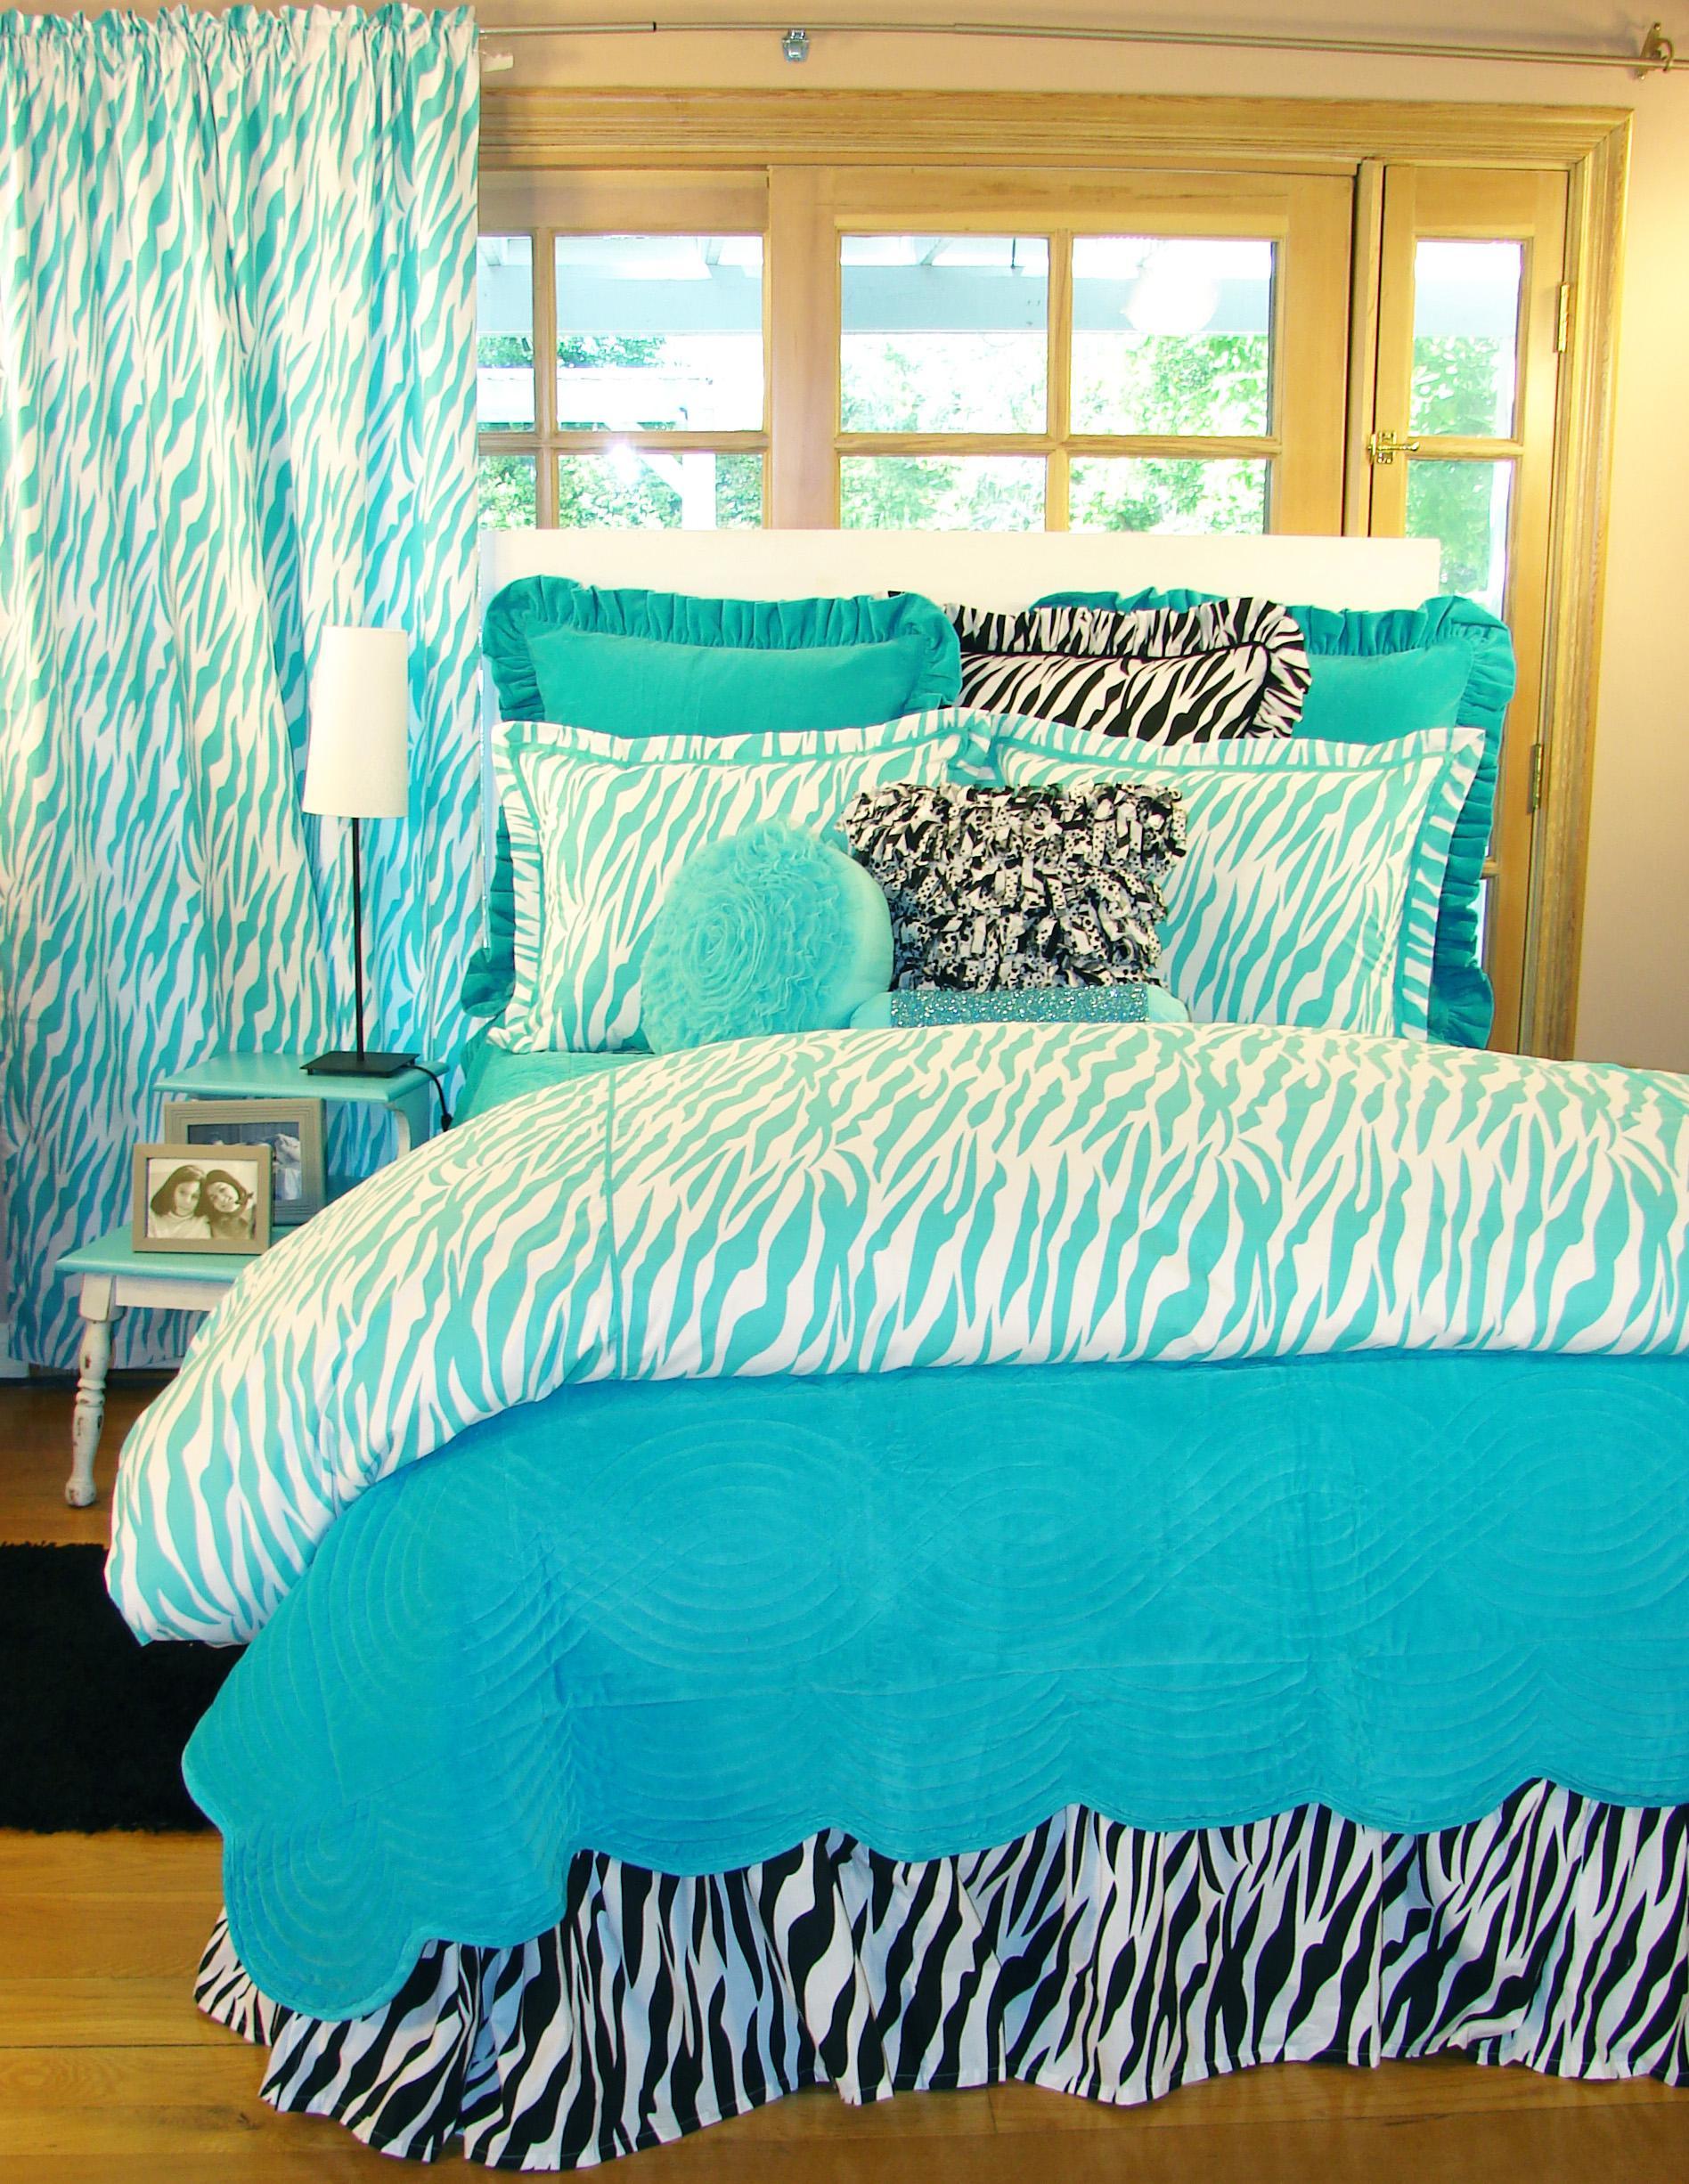 Turquoise Zebra Bedding Interiordecorating